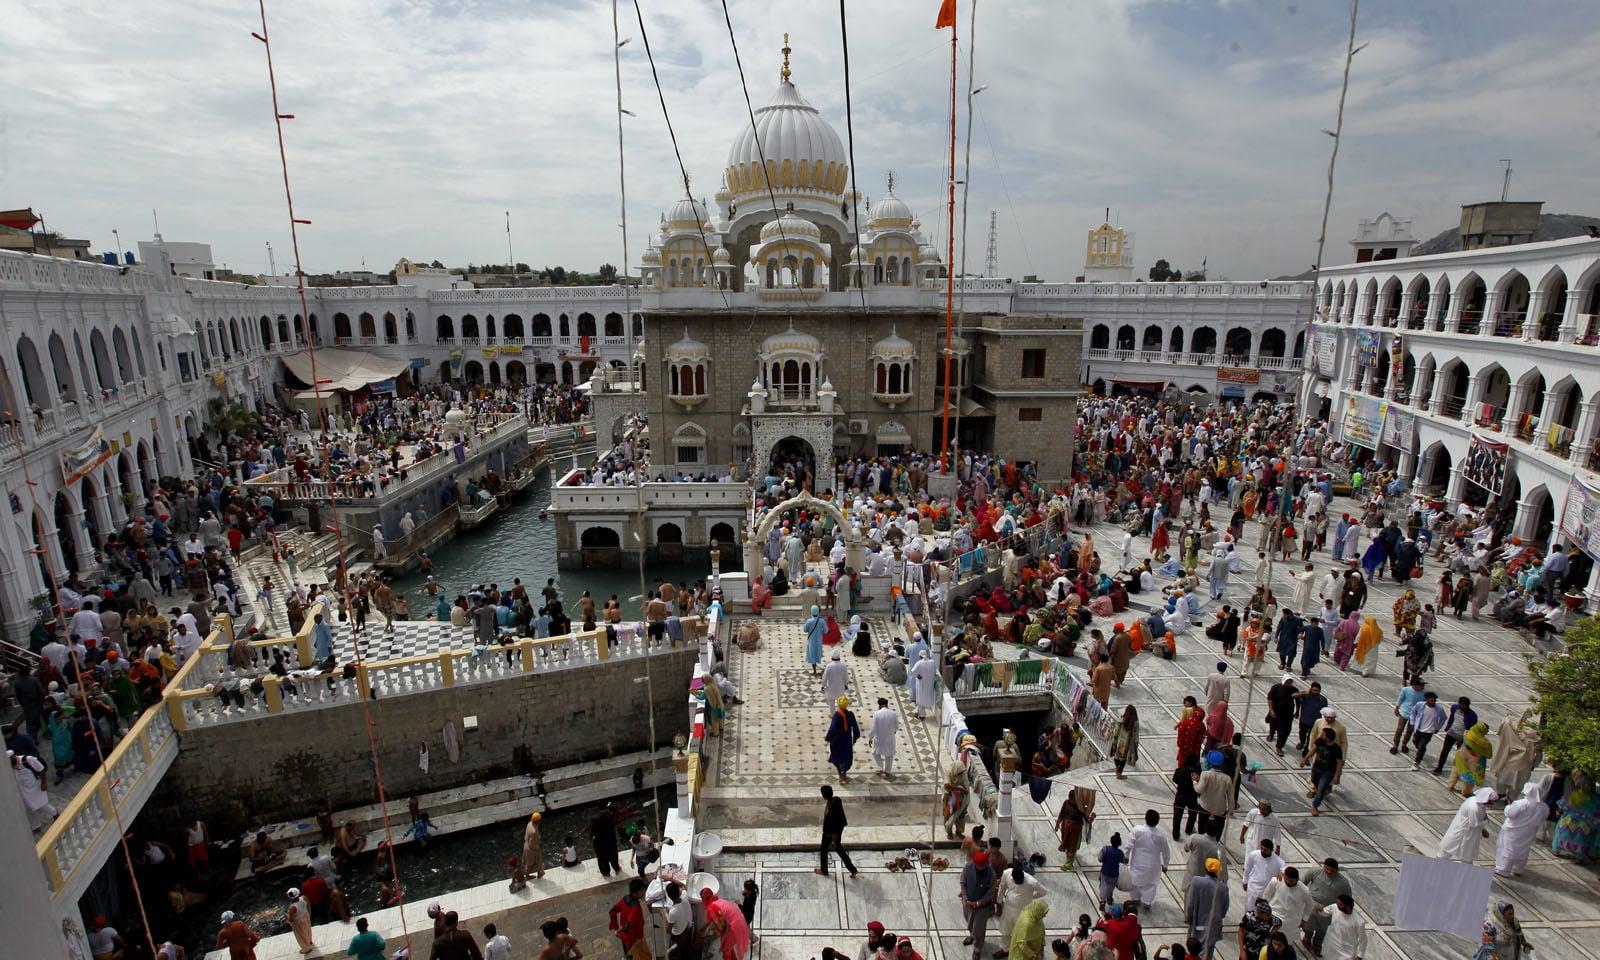 گرودوارہ پنجہ صاحب کے مقدس تالاب میں عقیدت مند غسل کرتے ہیں—فوٹو: اے پی